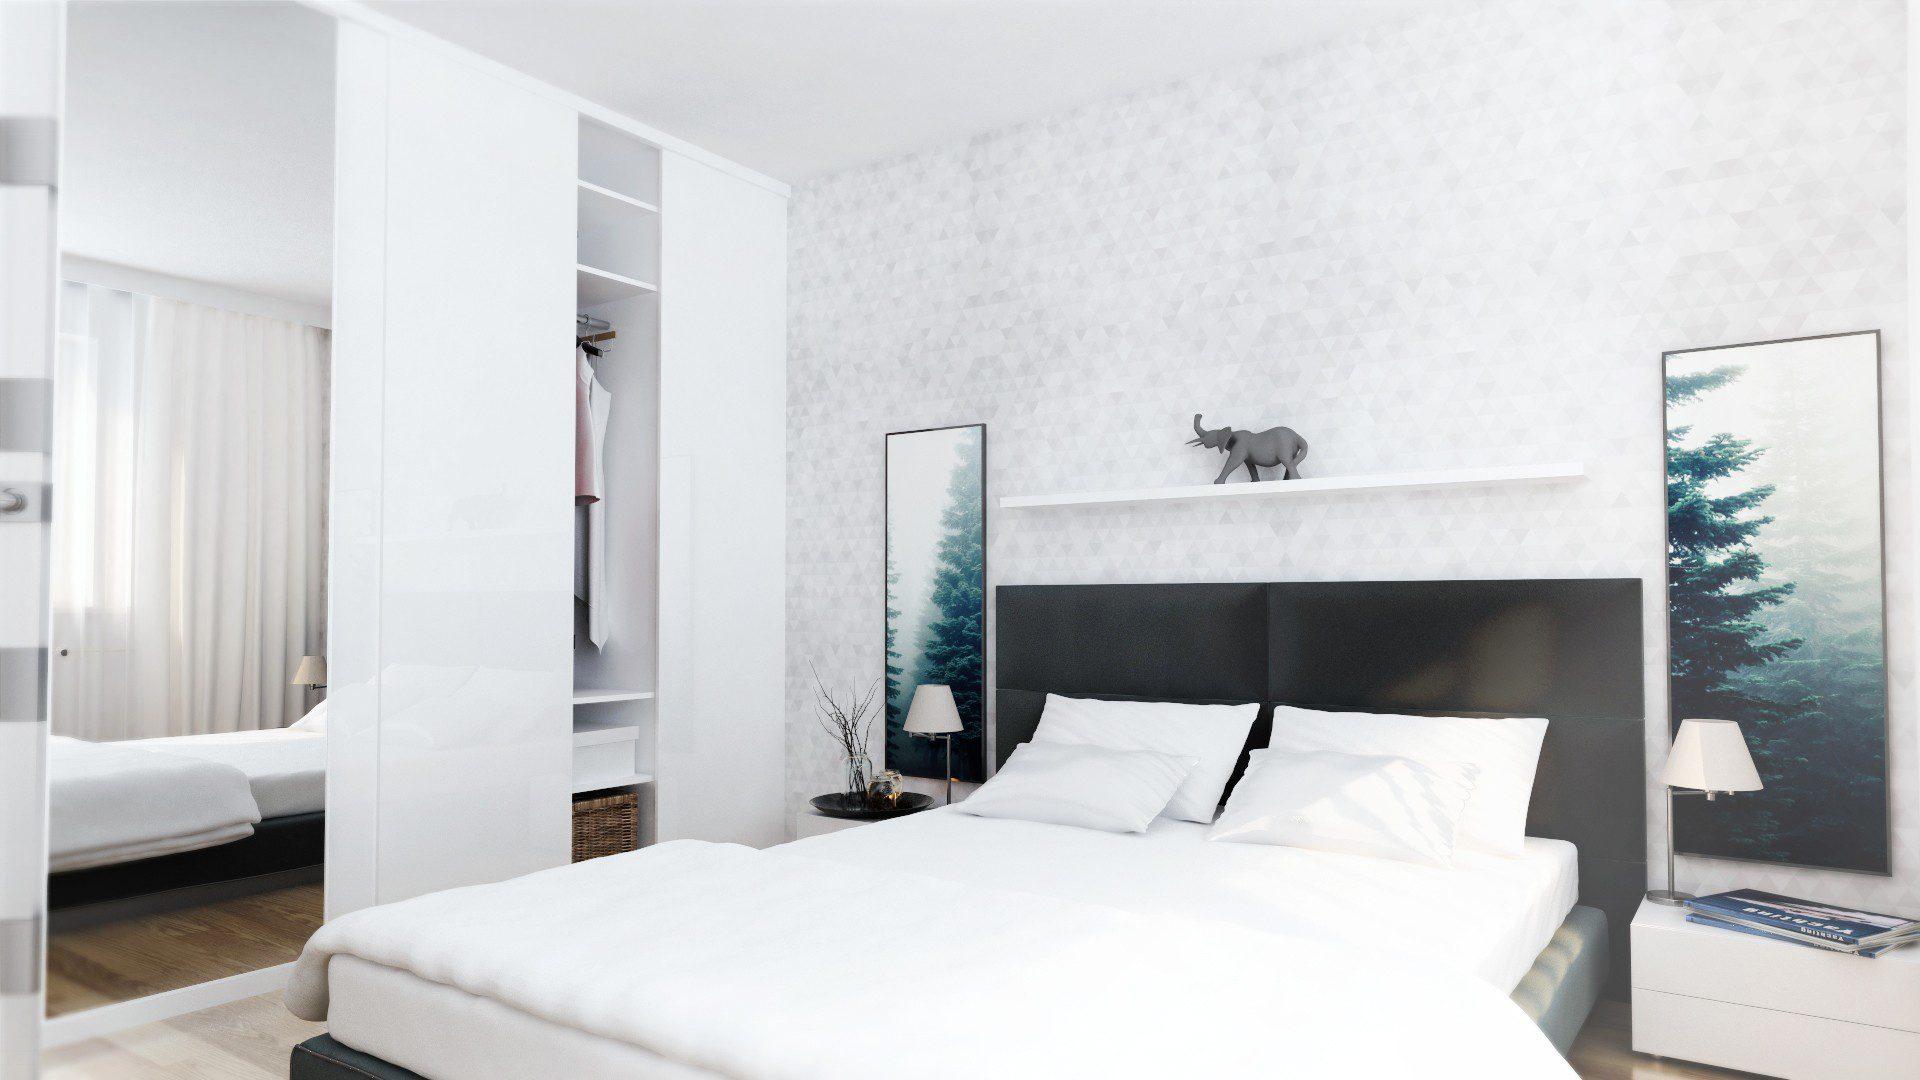 projekt mieszkania chorzów osiedle zakątek sypialnia